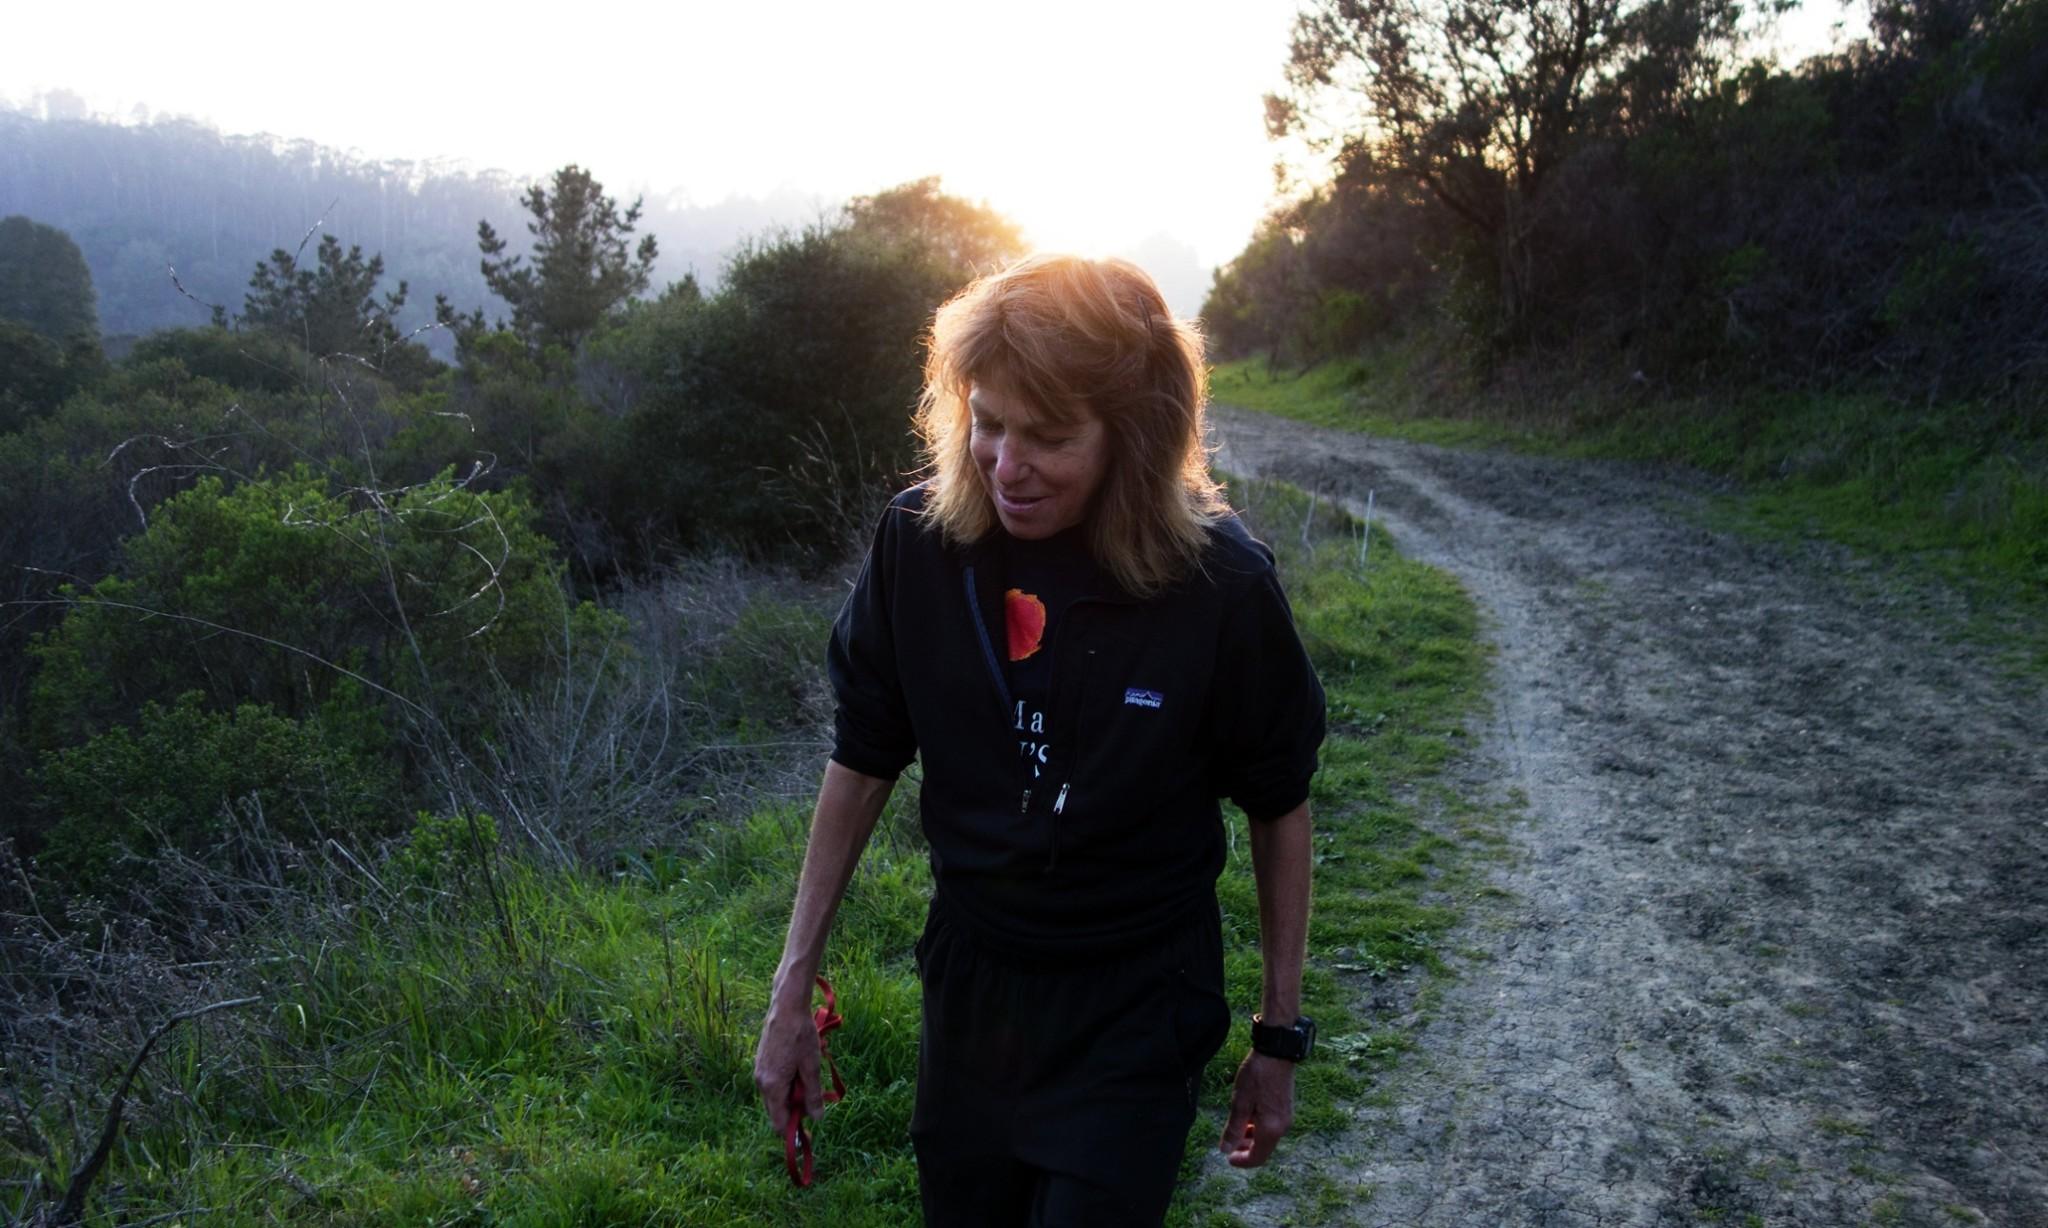 Pushing through the pain: ultrarunner Ann Trason makes a quiet comeback